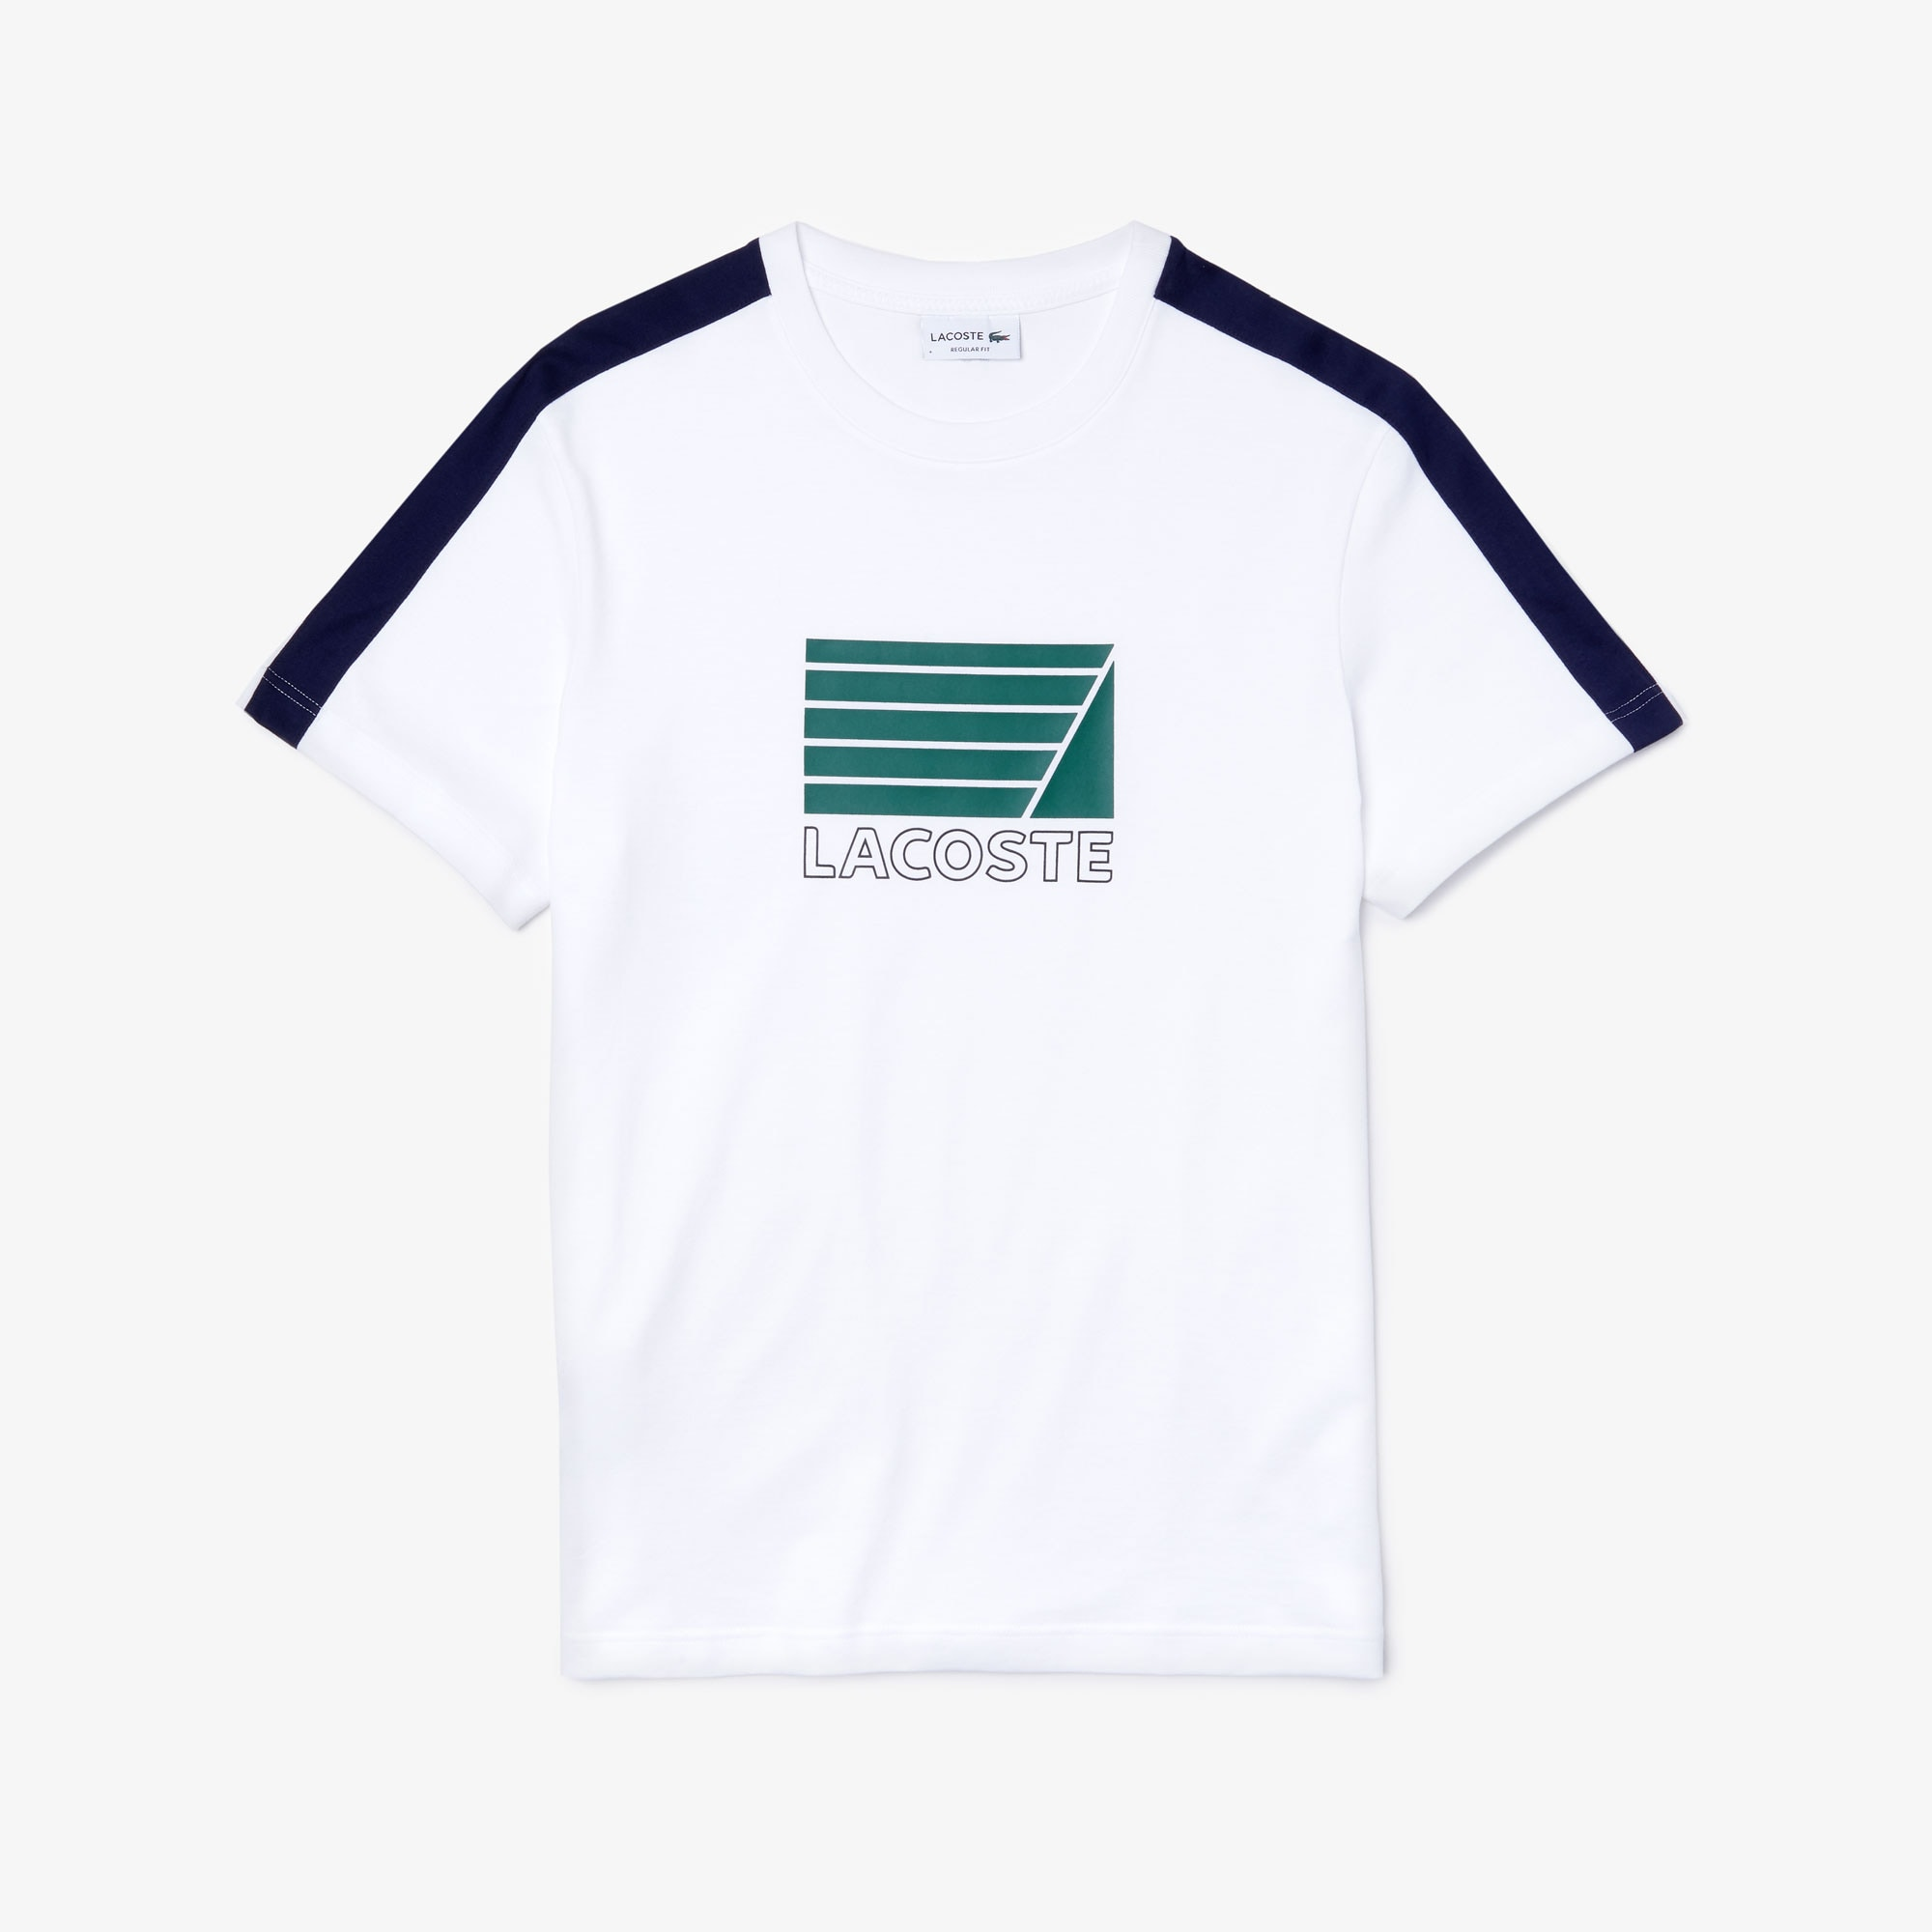 라코스테 반팔티 크루넥 코튼 티셔츠 Lacoste Mens Crew Neck Cotton T-shirt,White / Navy Blue